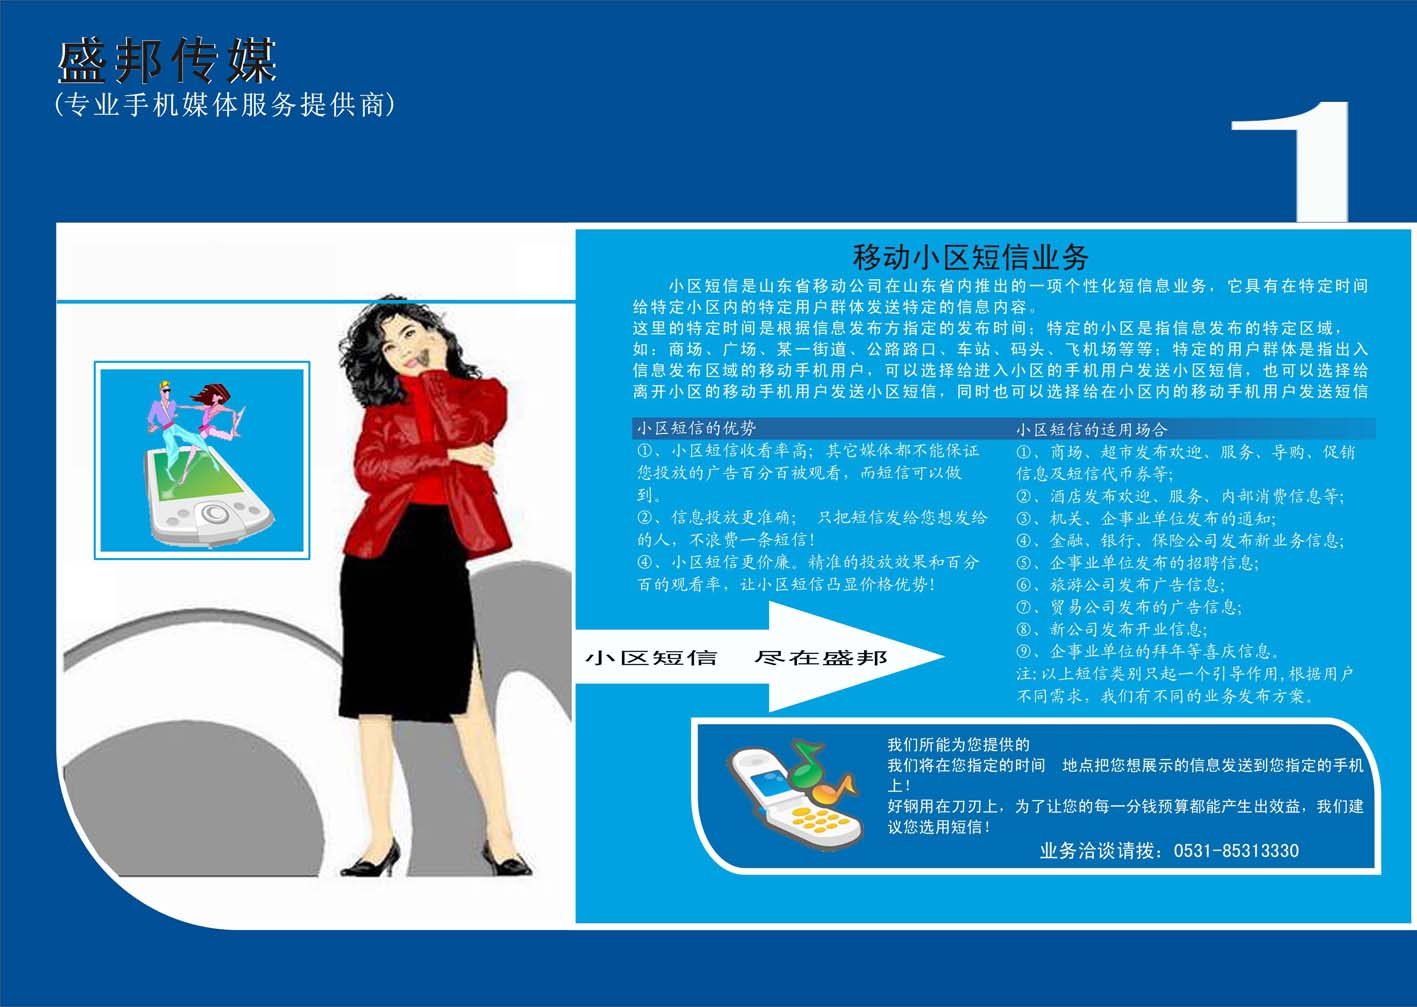 宣传彩页的版面设计- 稿件[#1201723]